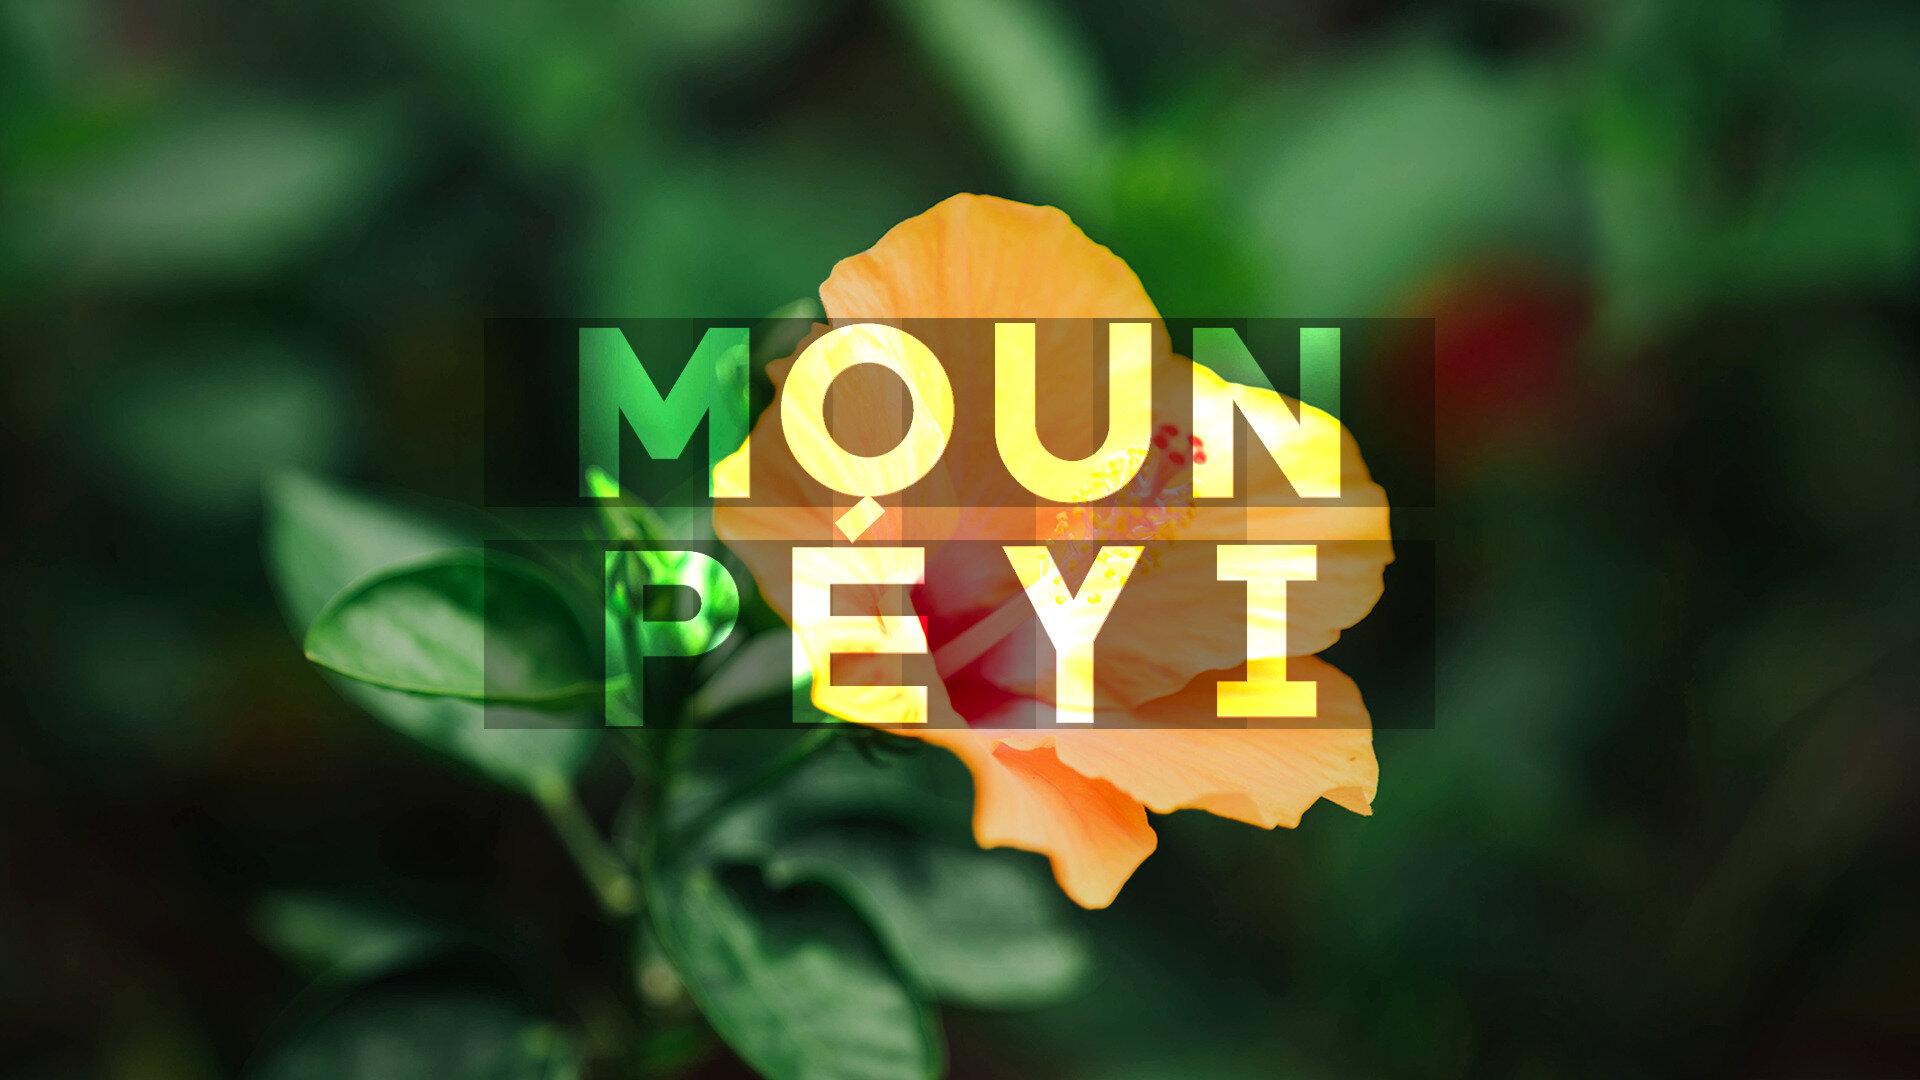 Moun péyi : Synke